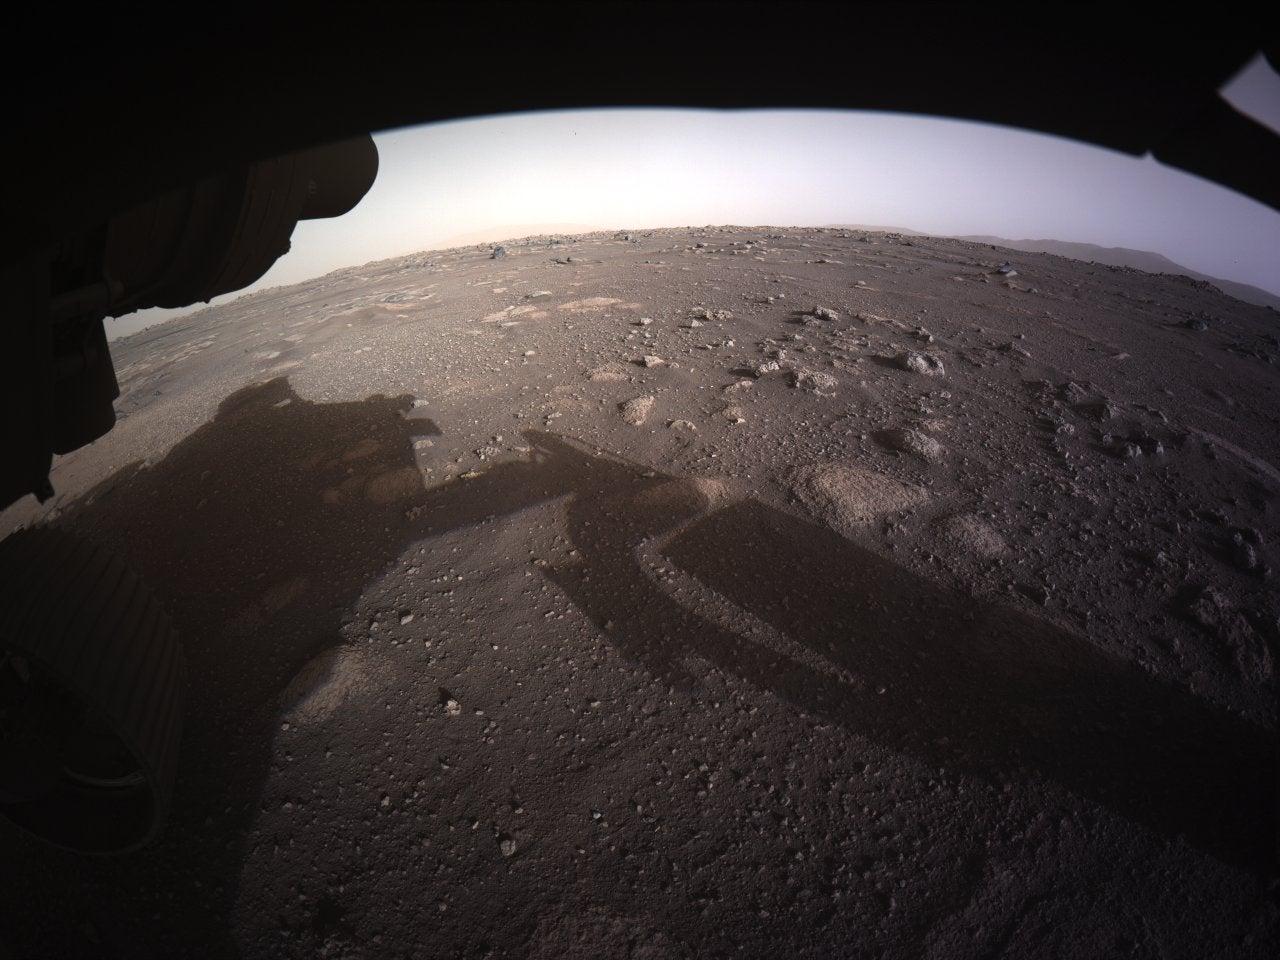 Marte imágenes en color